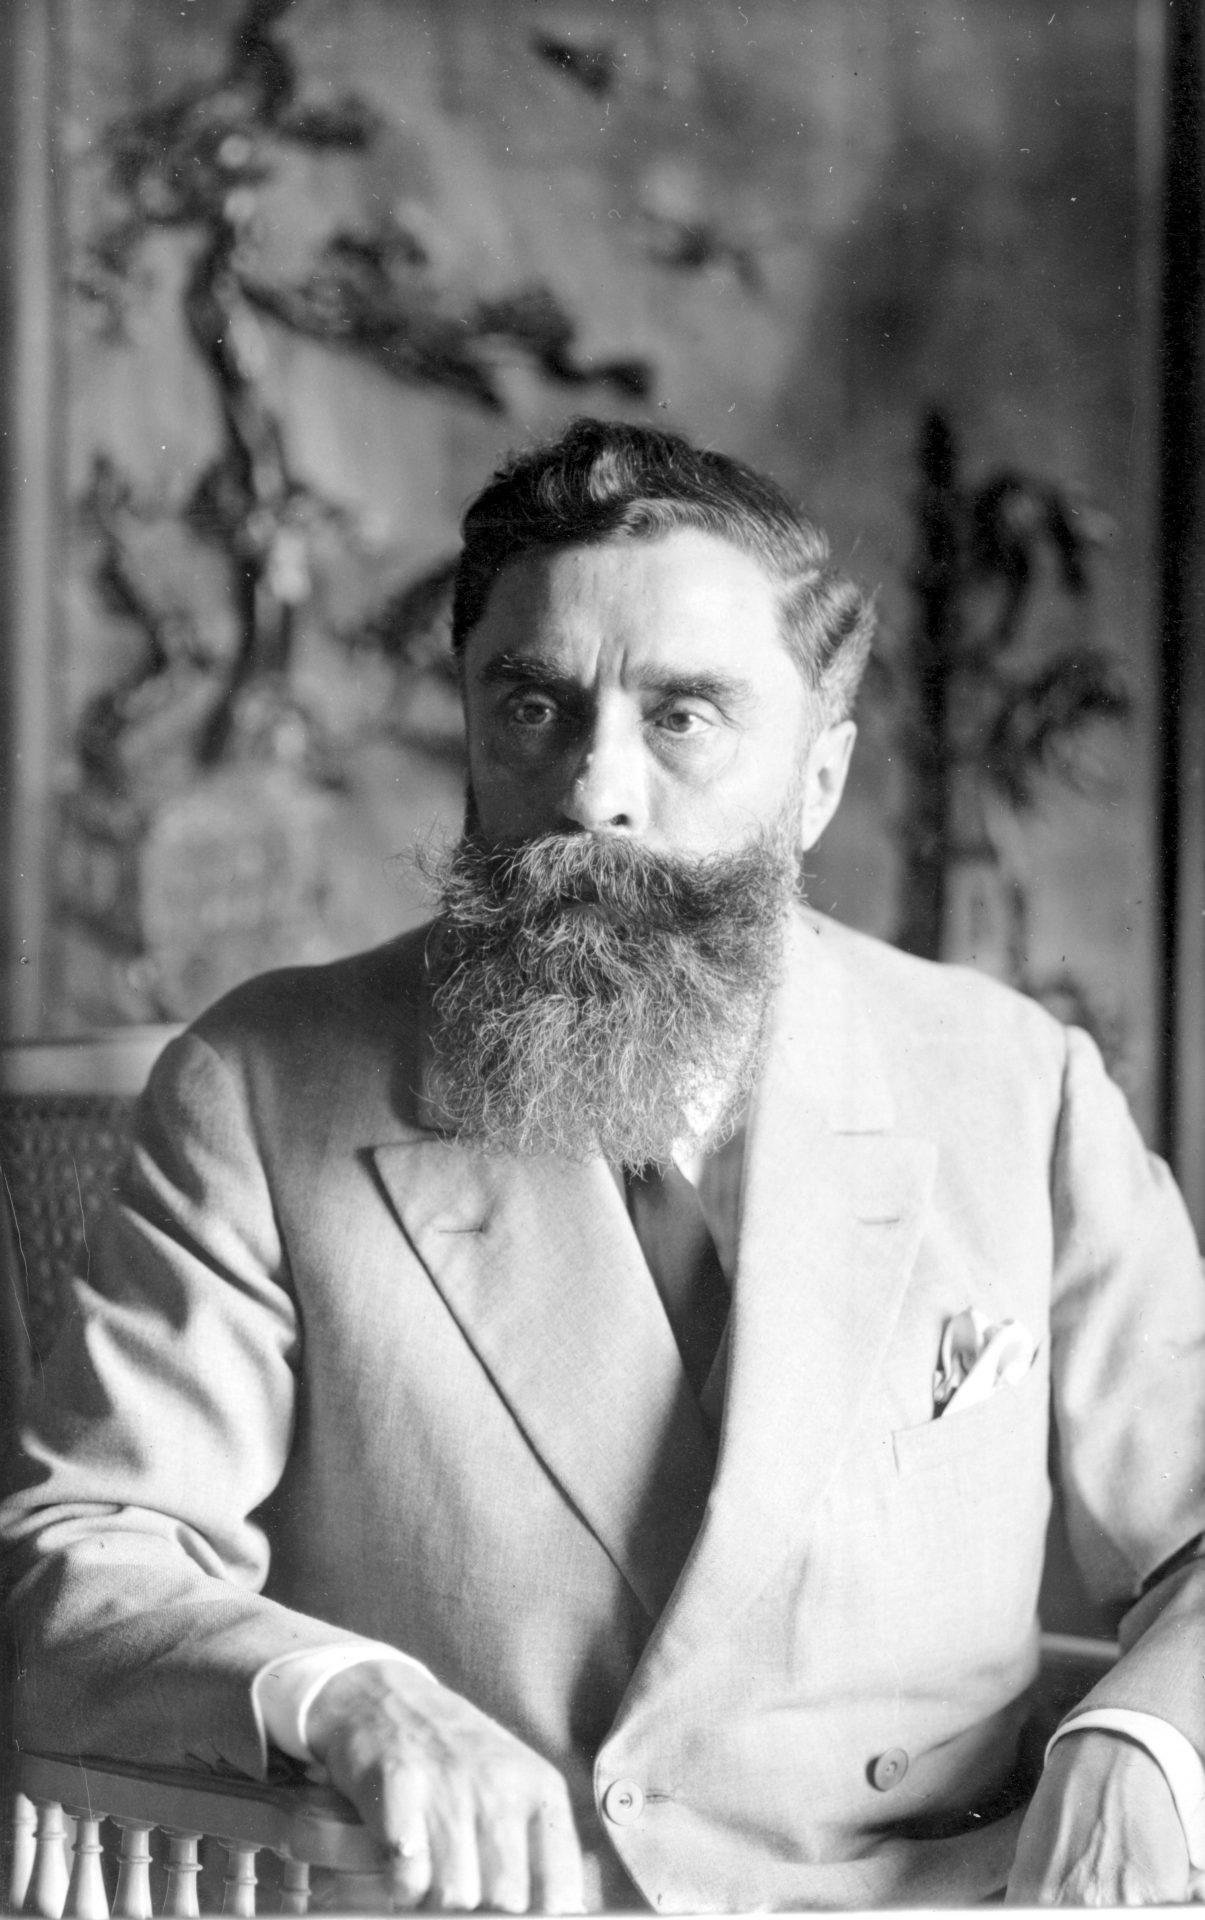 Portrait Alexandre Varenne 48. Crédit: Laboratoire de photographie générale